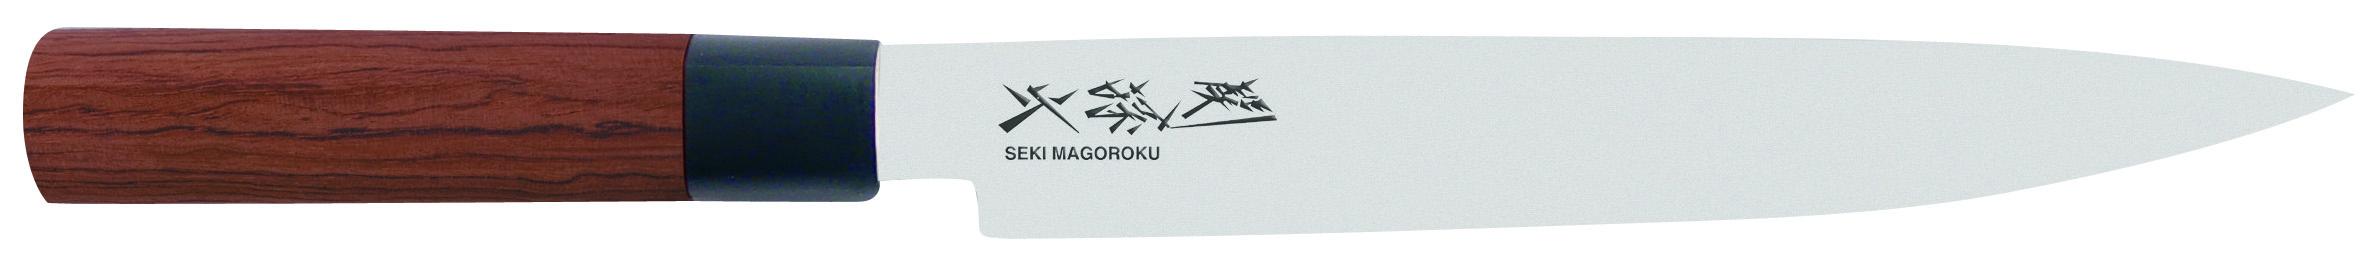 Japonský kuchynský nôž na filetovanie Seki Magoroku MGR-0200L